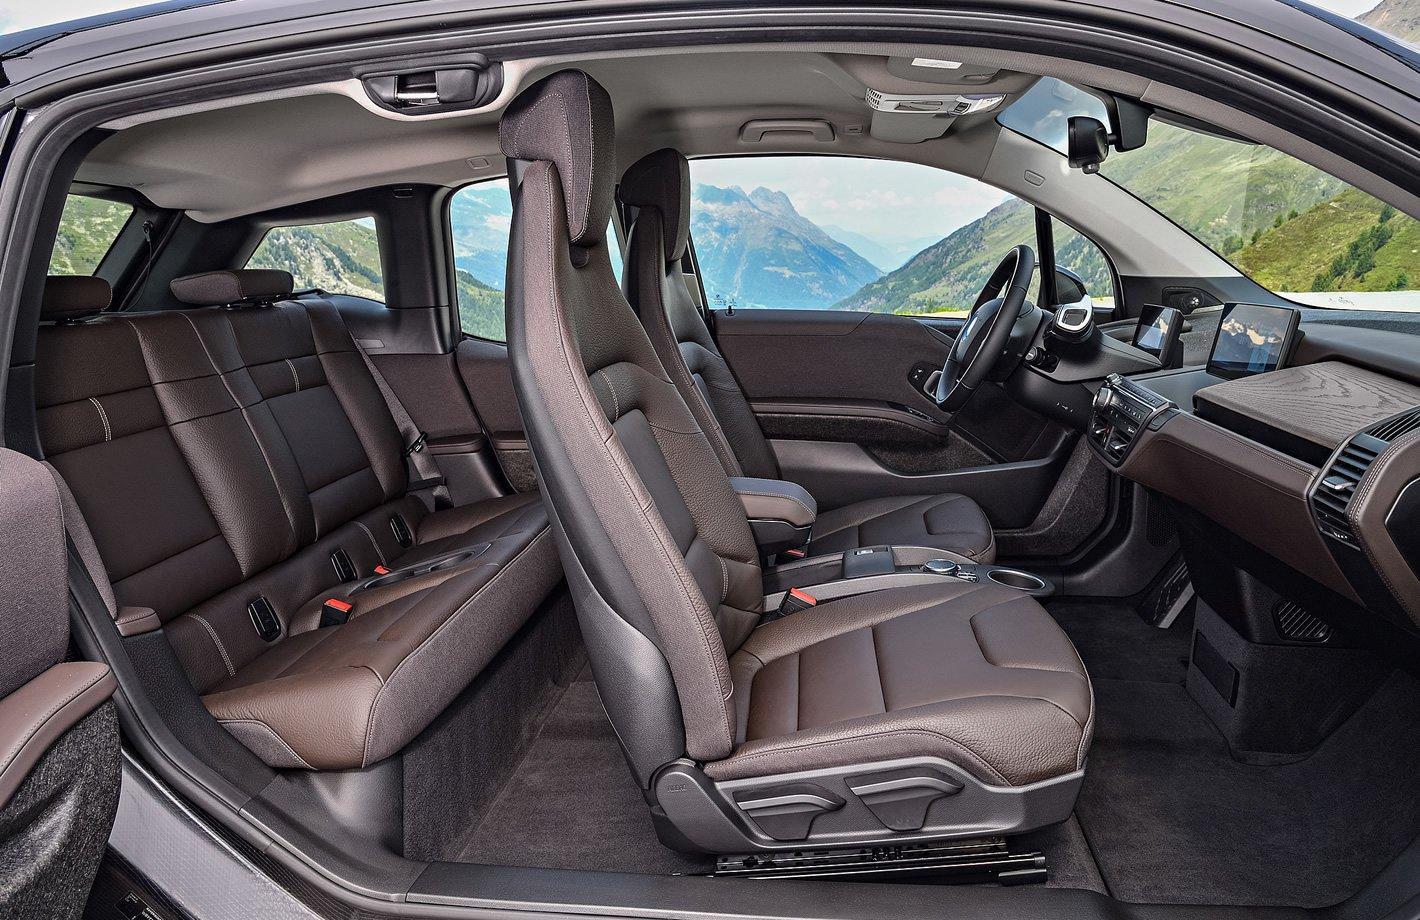 BMW i3s 94 Ah - drzwi otwierane pod wiatr